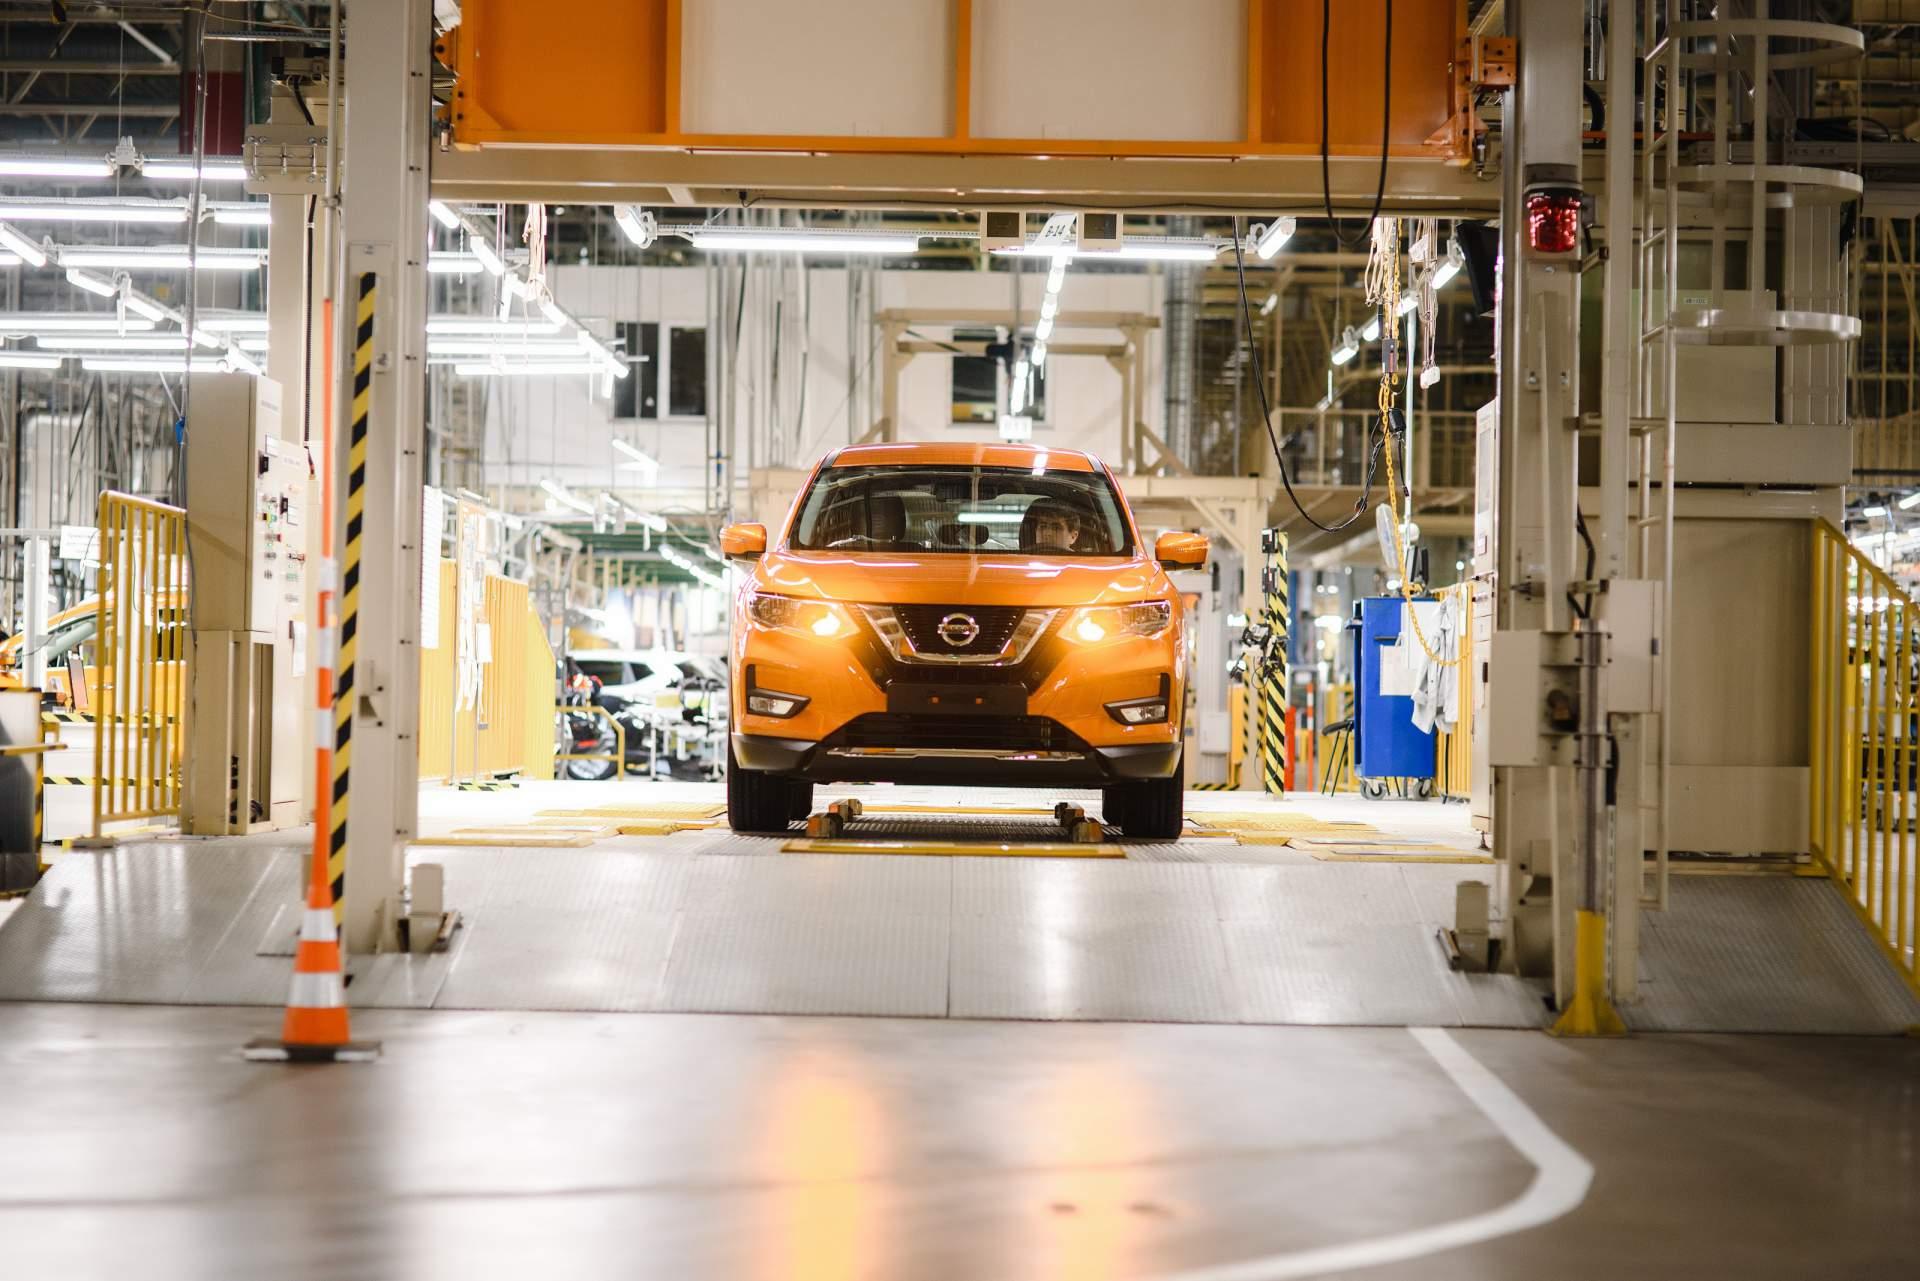 Впервые за 10 лет чистая прибыль компании Nissan ушла в минус